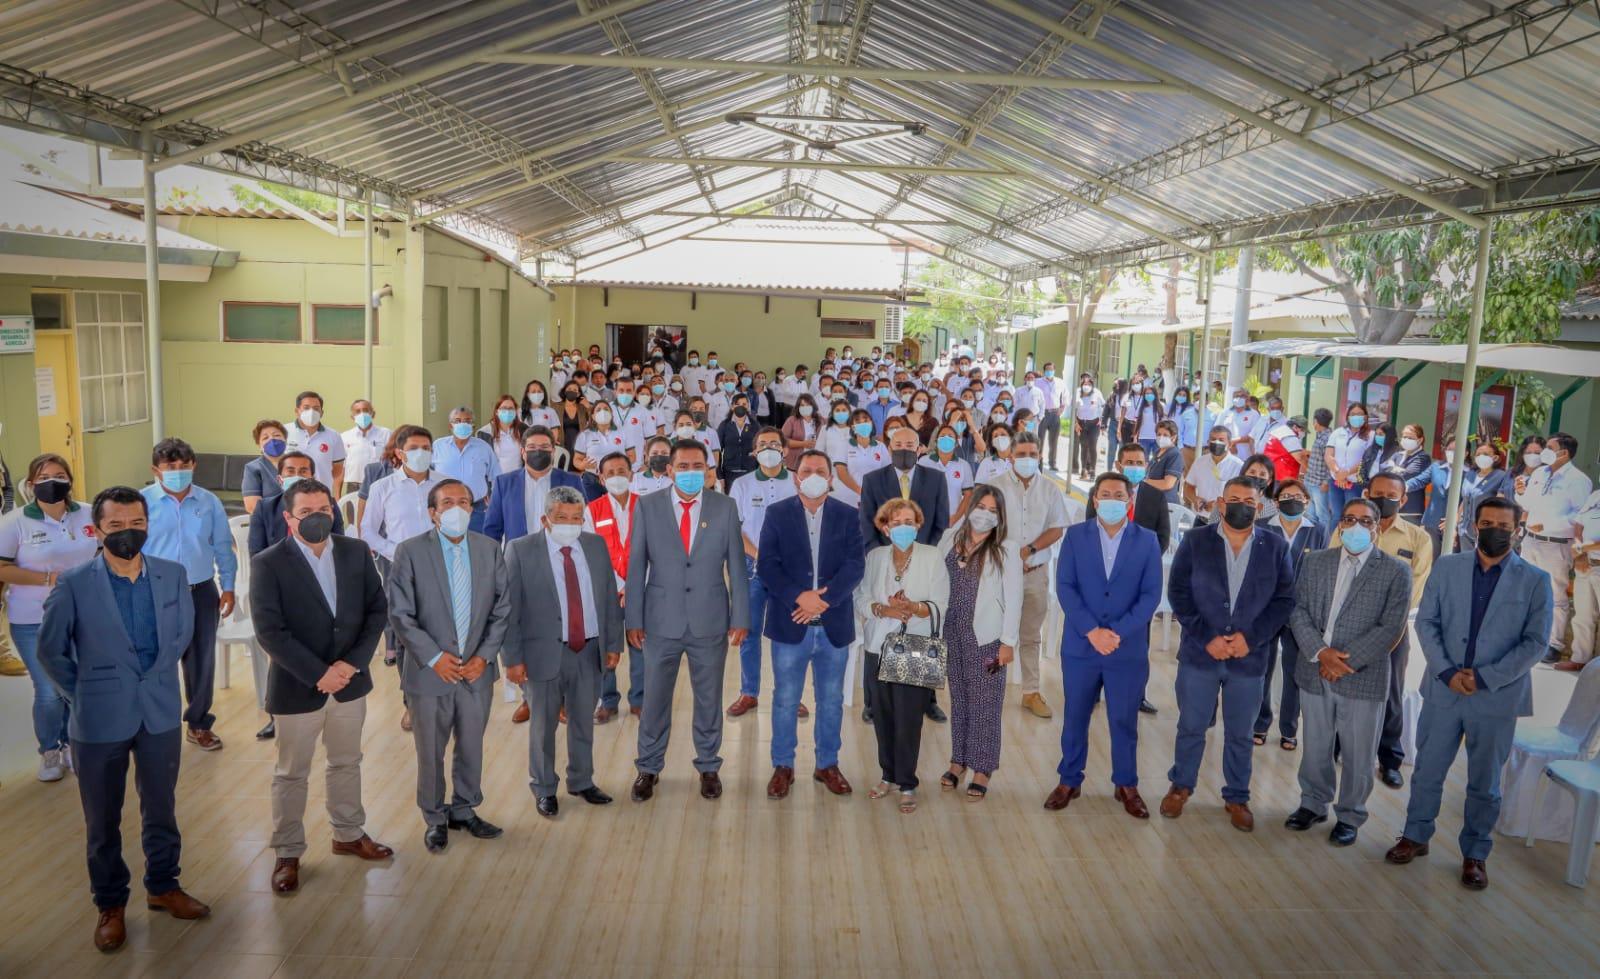 La ceremonia se realizó en las instalaciones del Proyecto Especial Chira-Piura.